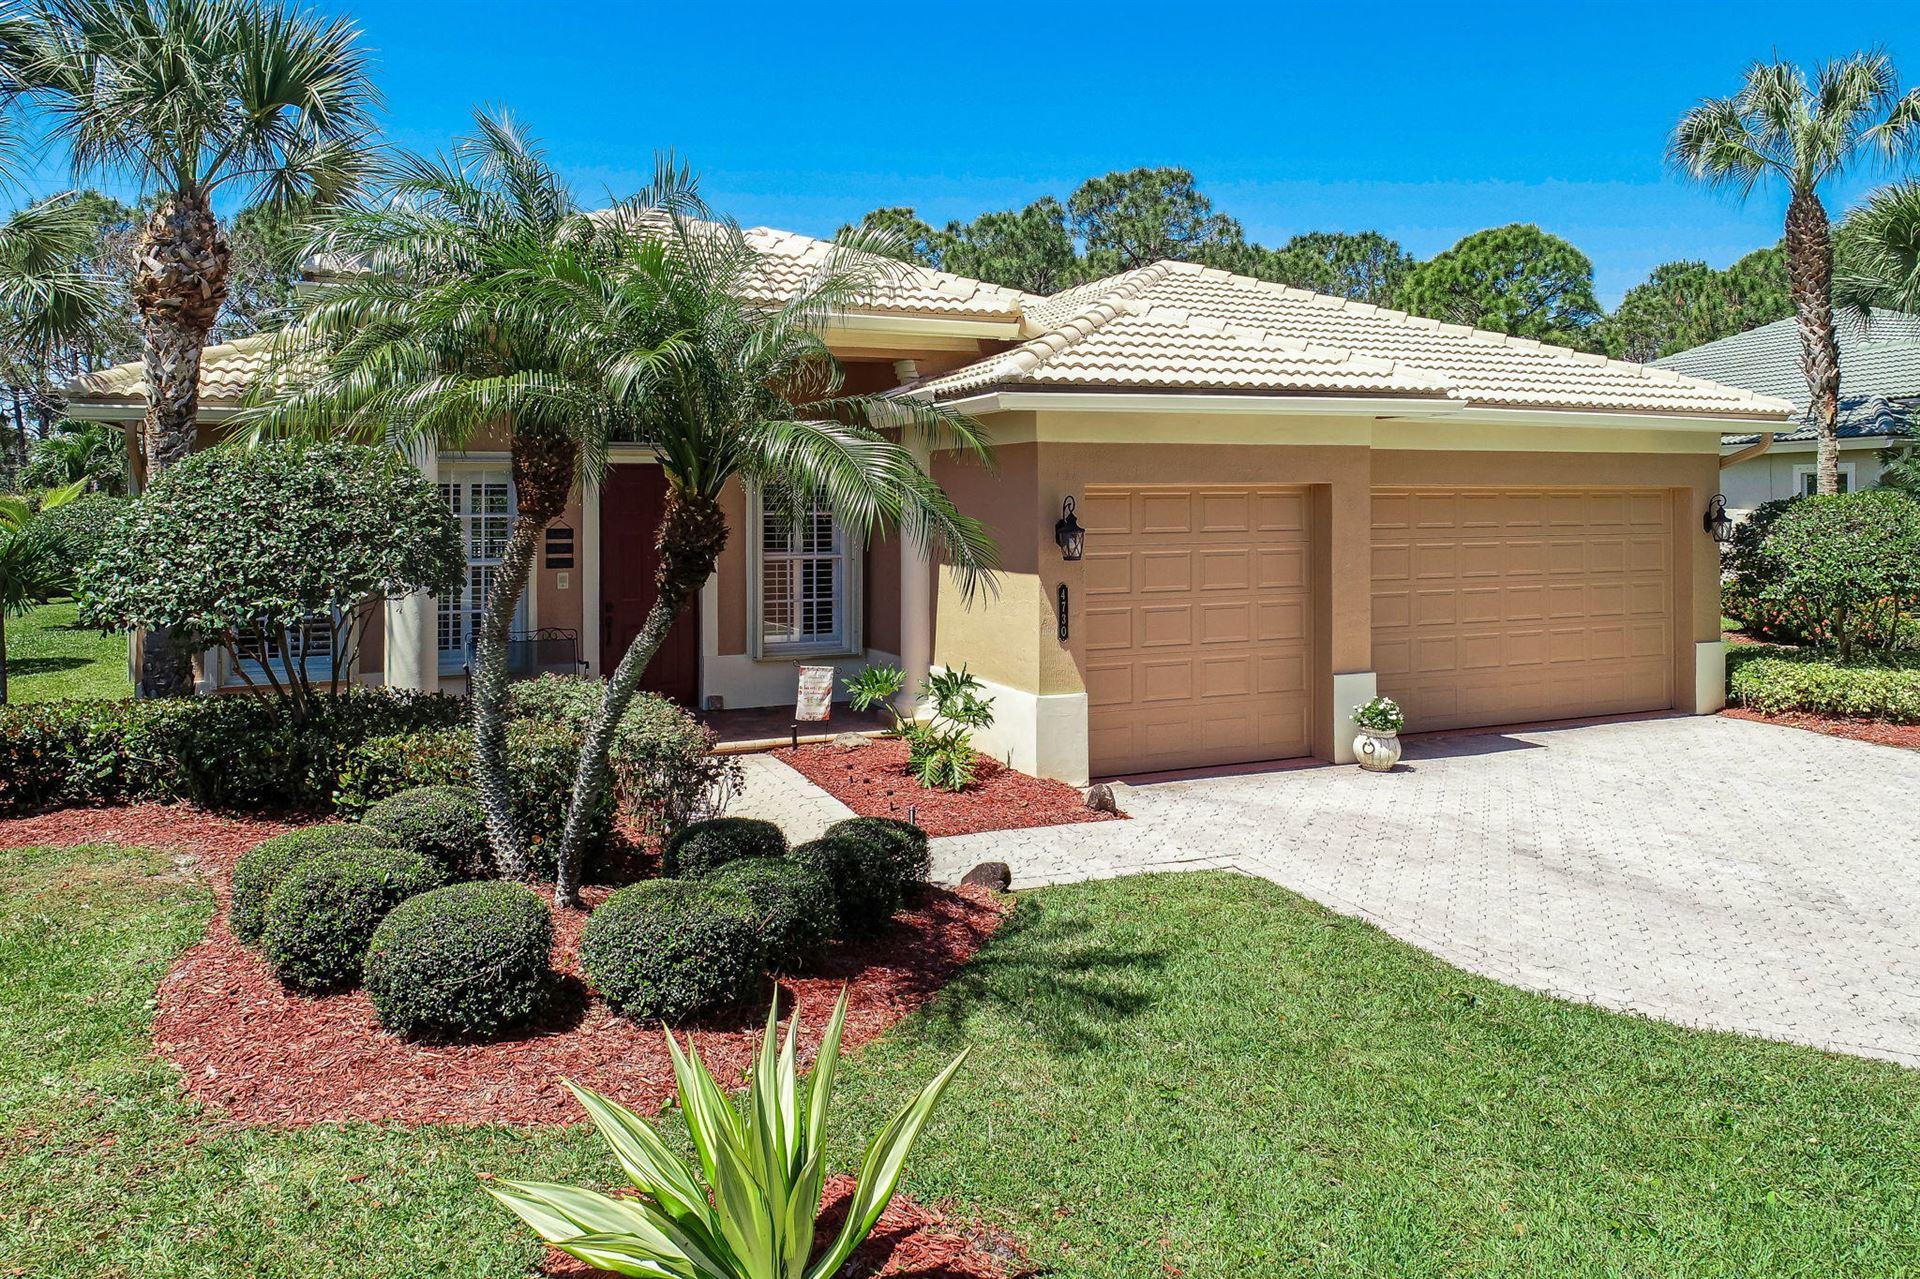 Photo of 4730 SW Hammock Creek Drive, Palm City, FL 34990 (MLS # RX-10708136)